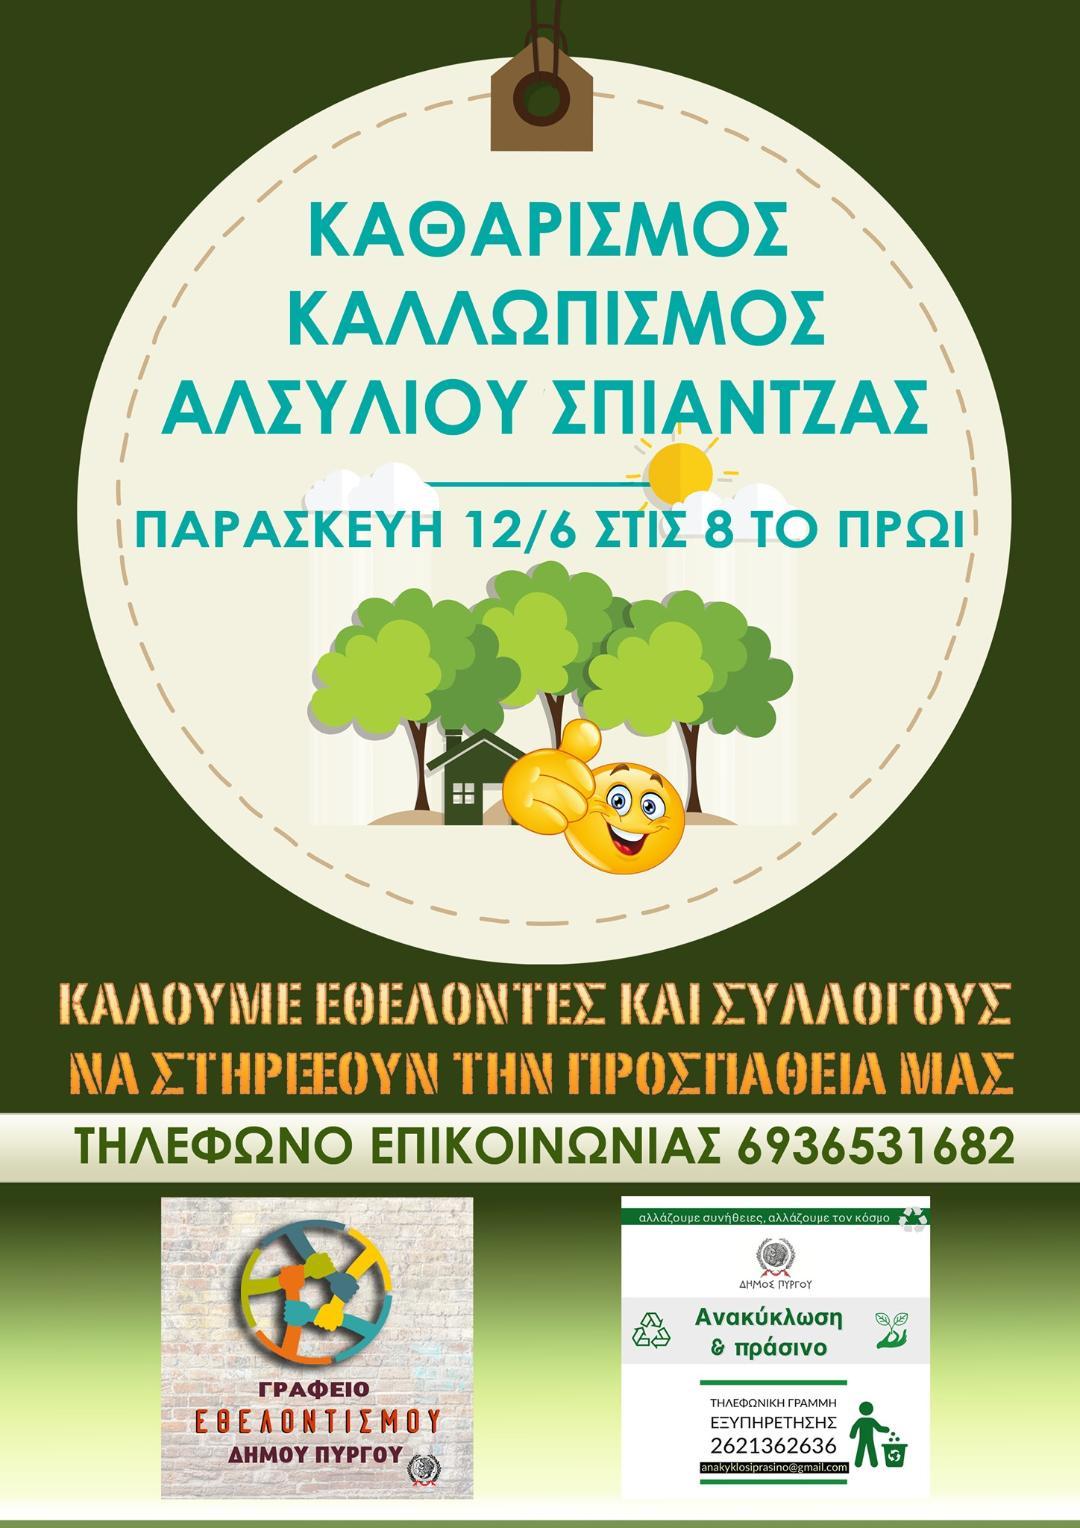 Γραφείο Εθελοντισμού Δήμου Πύργου και Τομέας Ανακύκλωσης και Πρασίνου: Καθαρισμός Αλσύλιου Σπιάντζας την Παρασκευή 12 Ιουνίου